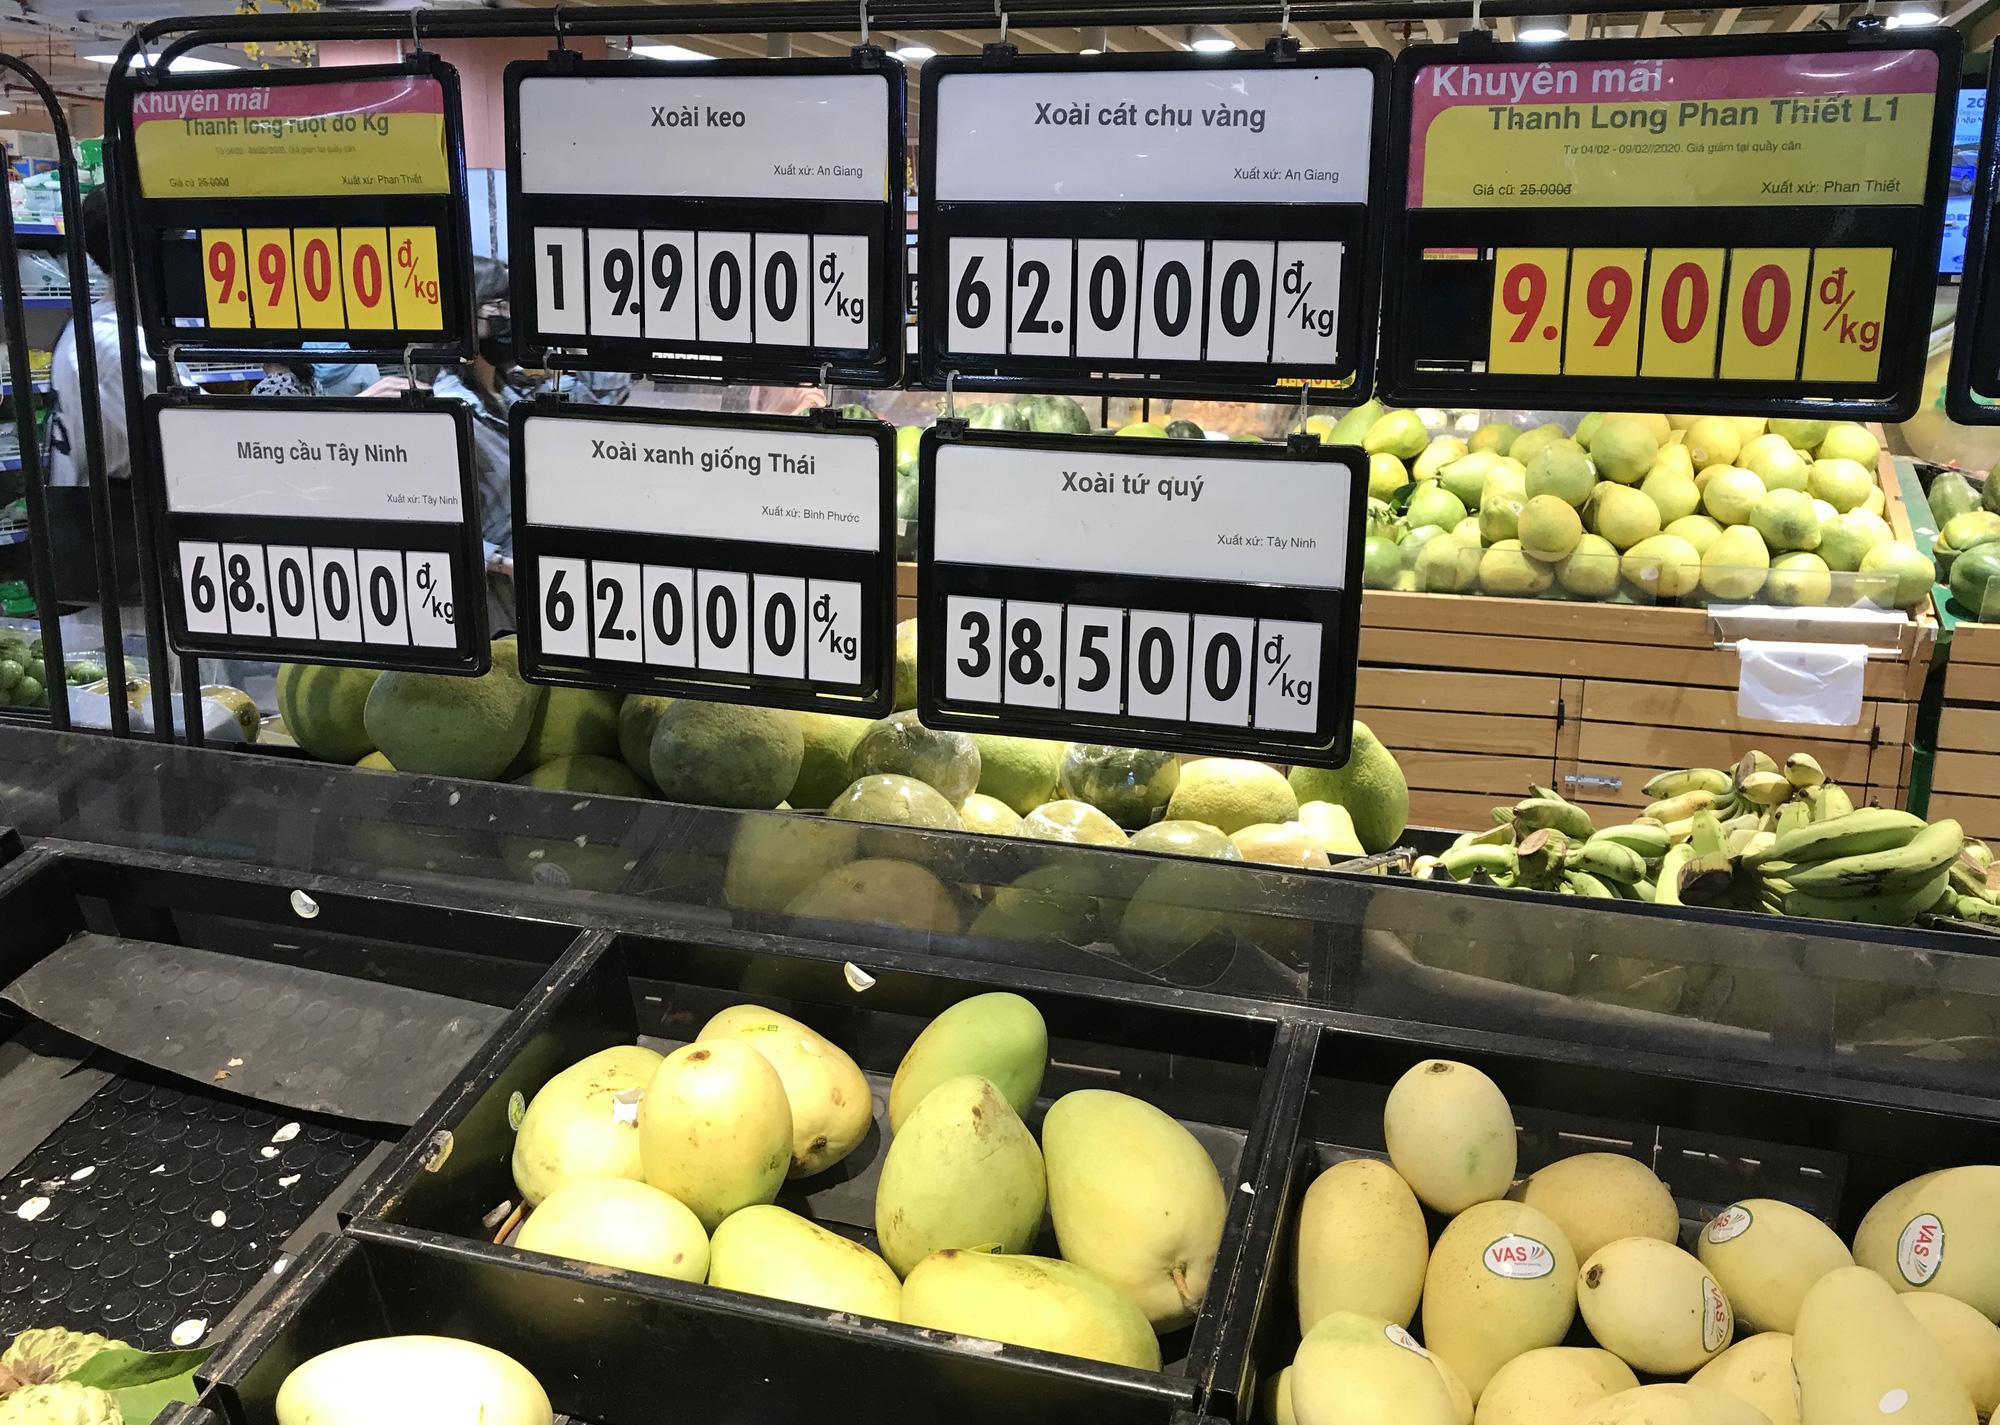 Người Sài Gòn đổ xô giải cứu dưa hấu, thanh long từ 4.200 đồng/kg trong siêu thị, mới 8h, có nơi đã hết sạch - Ảnh 10.